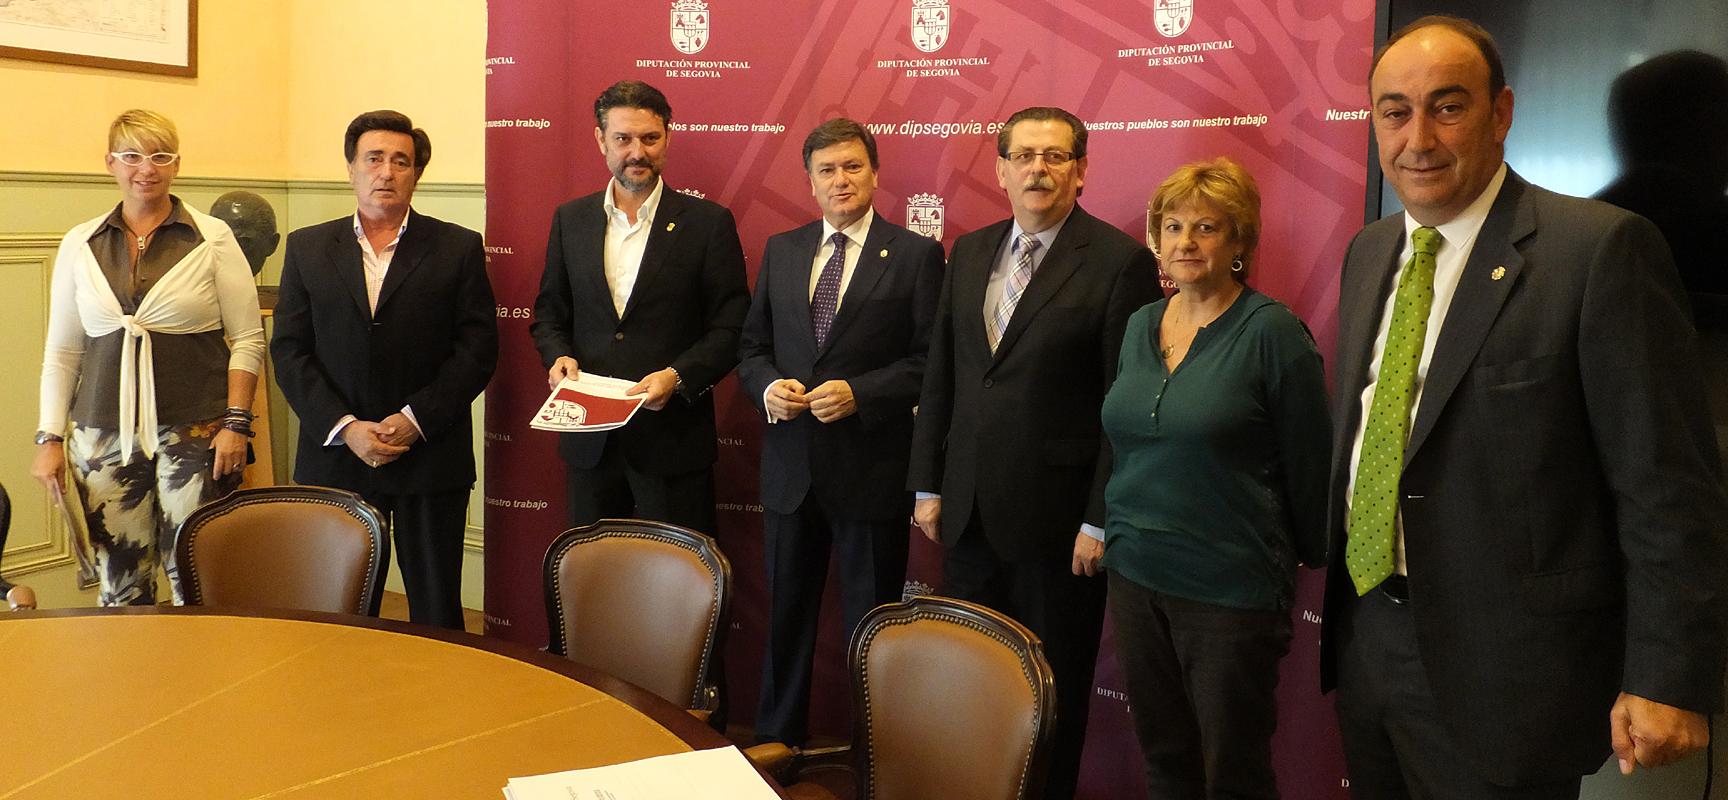 El Presidente de la Diputación y el diputado junto a los alcaldes de los cuatro municipios.